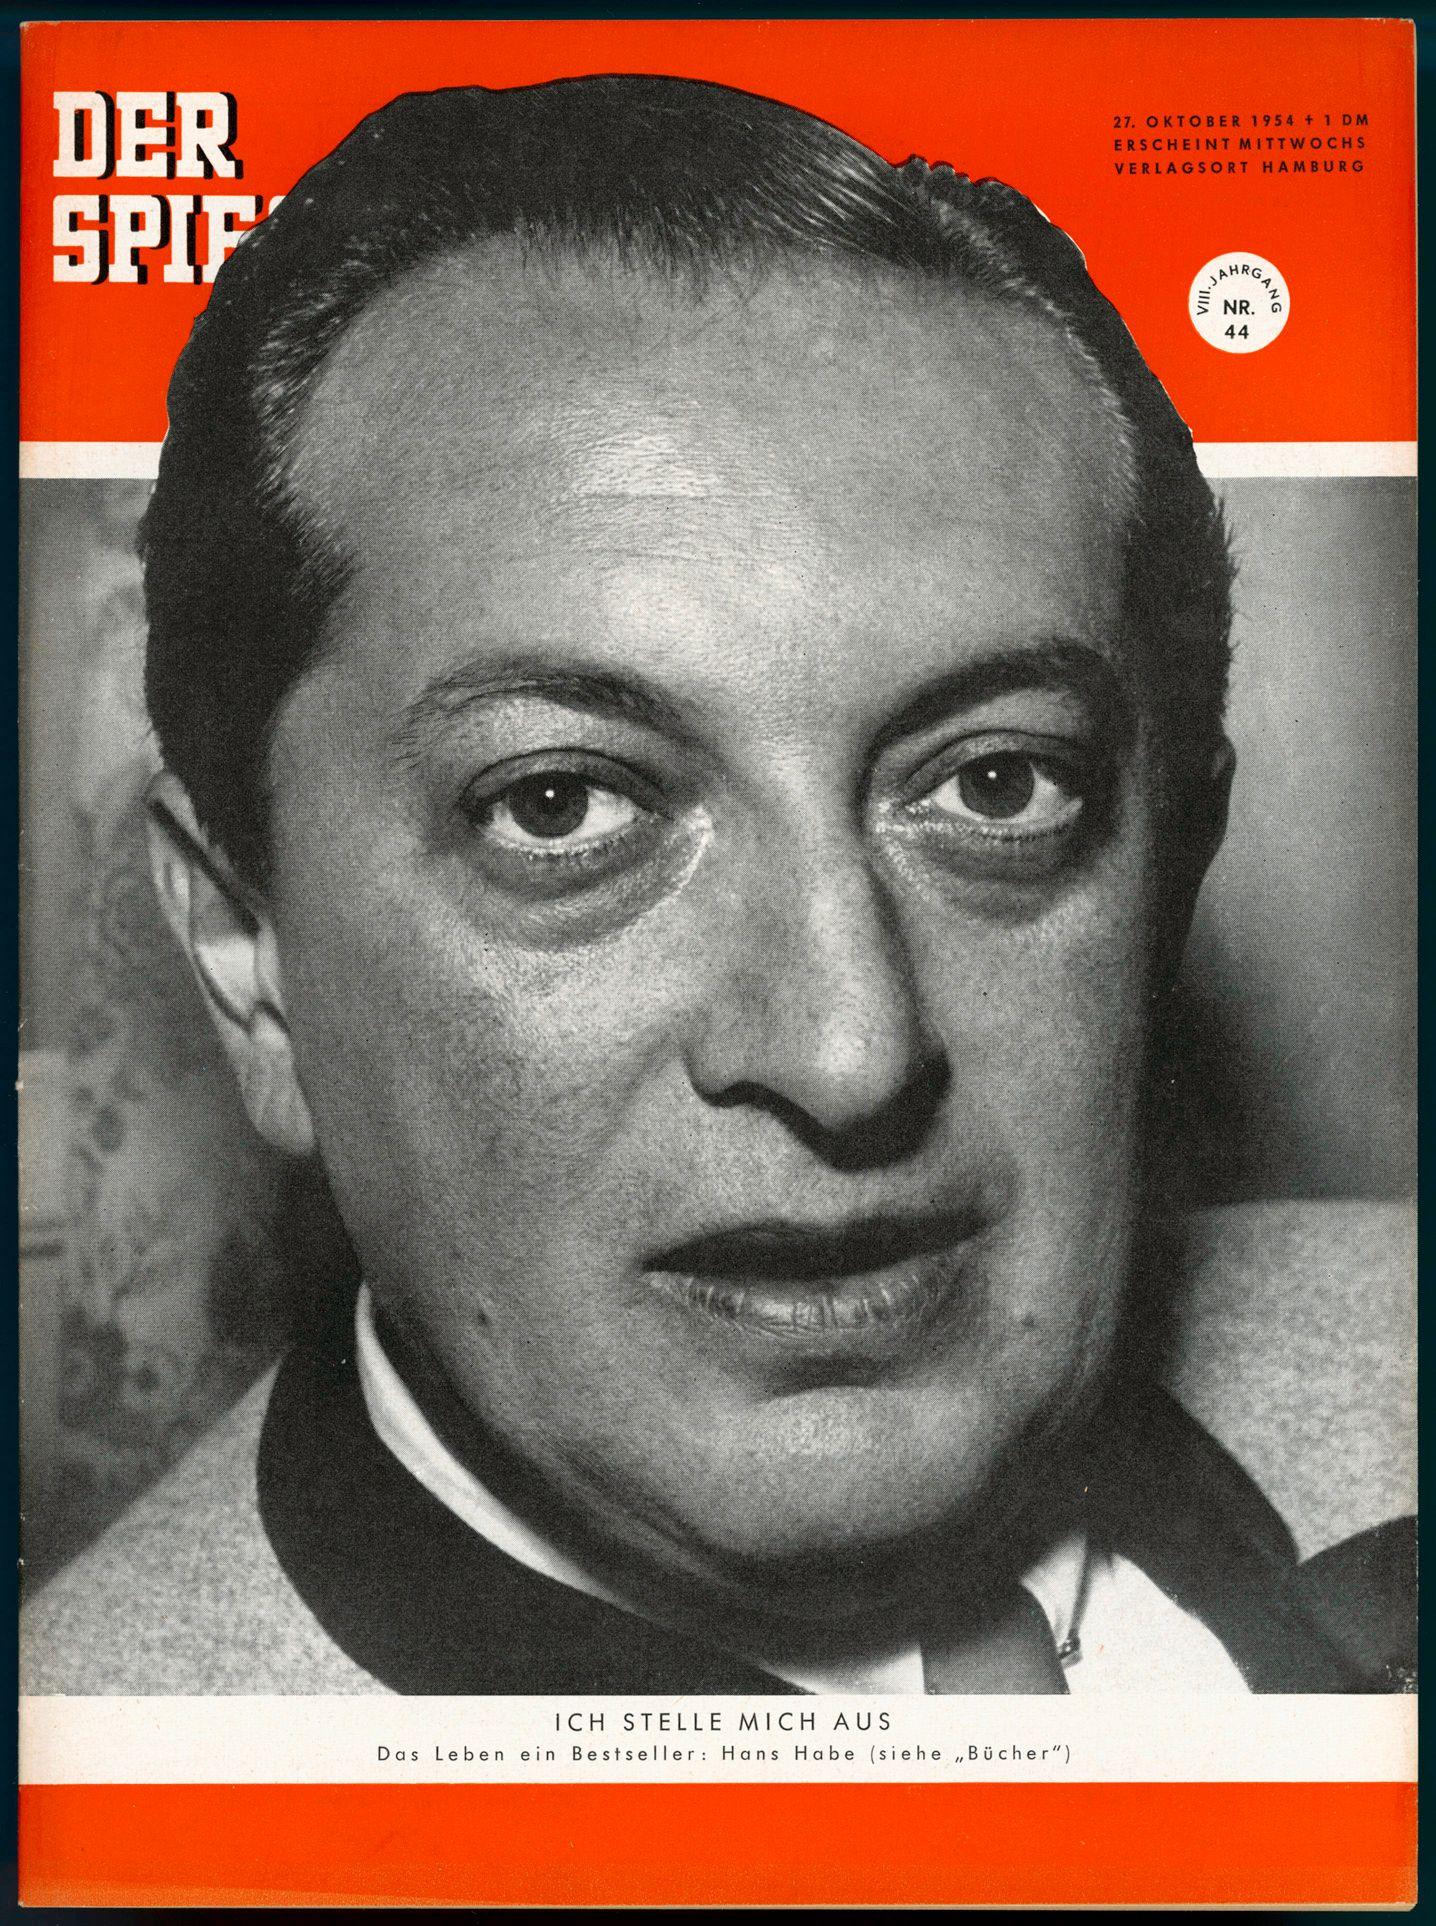 SPIEGEL-Titel 44/1954